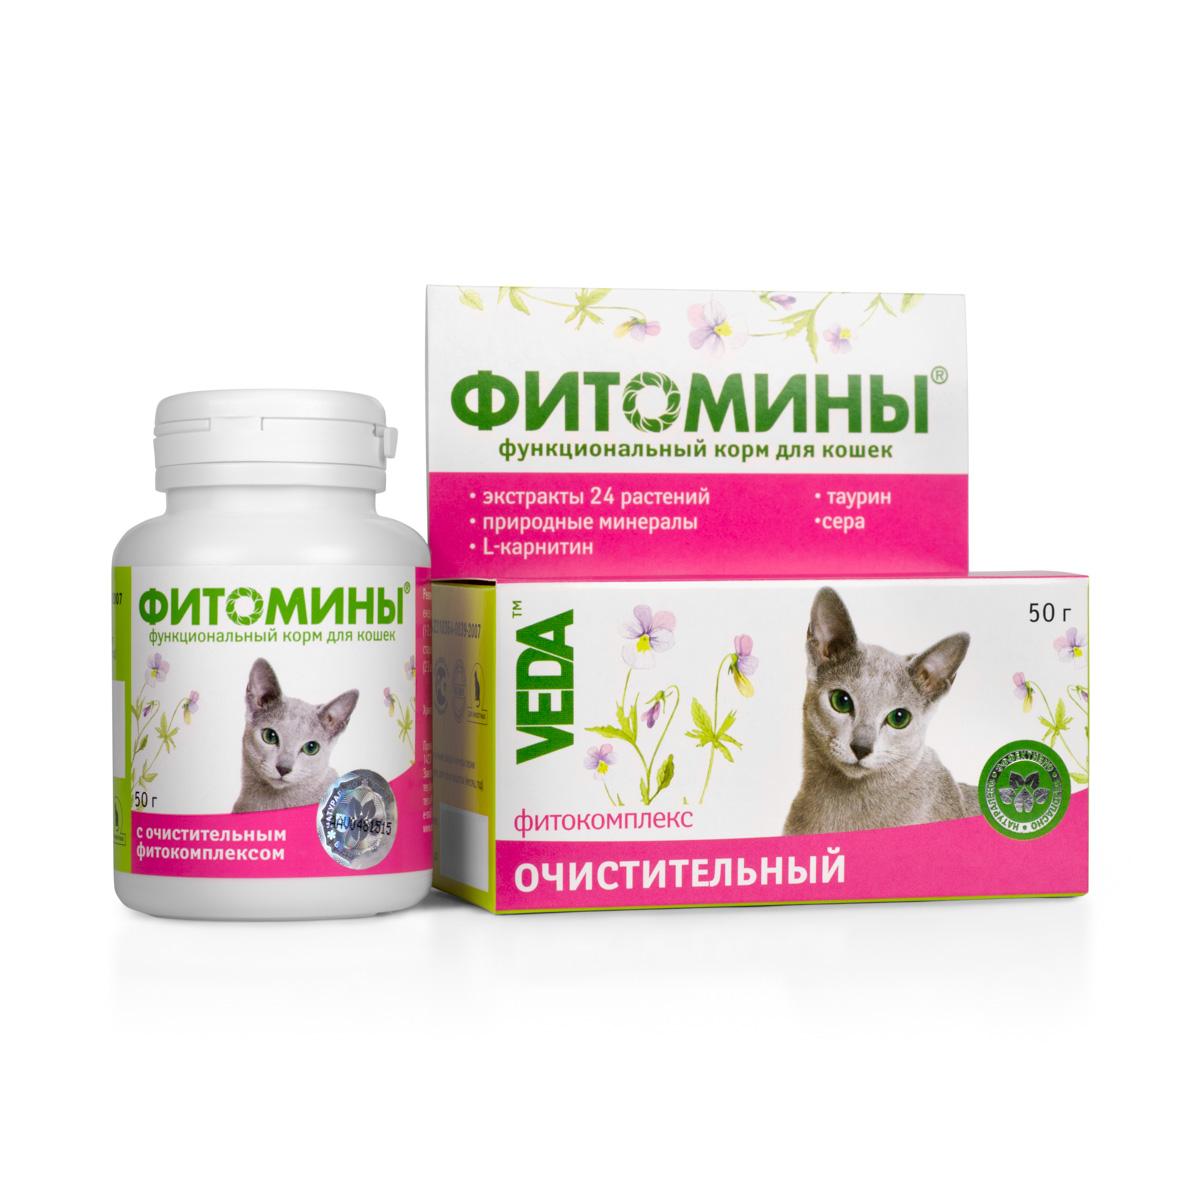 Корм для кошек VEDA Фитомины, функциональный, с очистительным фитокомплексом, 50 г4605543005985Корм функциональный для кошек VEDA Фитомины с очистительным фитокомплексом стабилизирует работу кишечника, повышает аппетит, восстанавливает и защищает печень, снижает уровень билирубина и холестерина в крови.Рекомендуется включать в рацион животных имеющих отклонения в работе органов:желудочно-кишечного тракта, печени, желчного пузыря, желчных протоков, поджелудочной железы.Состав: лактоза; крахмал; дрожжи пивные; фитокомплекс: чаги, цветков ромашки, травы репейничка (репешка) аптечного, травы солянки холмовой, листьев мяты перечной, цветков бессмертника песчаного, травы сушеницы топяной, травы тысячелистника, травы подмаренника настоящего, травы чистотела, листьев крапивы, почек березы, травы кипрея (иван-чая) узколистного, травы зверобоя, травы эхинацеи пурпурной, плодов фенхеля, цветков буквицы, цветков лабазника вязолистного, травы будры плющевидной, корней одуванчика, корней и корневищ солодки, травы фиалки, листьев подорожника большого, травы золототысячника; природный минеральный комплекс; паровая рыбная мука; стеарат кальция; L-карнитин; таурин; сера. В 100 г продукта содержится (не менее): углеводы - 90 г; жиры - 0,4 г; белки – 3,5 г; кальций - 600 мг; фосфор - 360 мг; железо - 15,0 мг; цинк - 4 мг; марганец - 0,1 мг; медь - 0,3 мг; L-карнитин - 0,5 г; сера - 0,1 г.Энергетическая ценность в 100 г: 380 ккал.Товар сертифицирован.